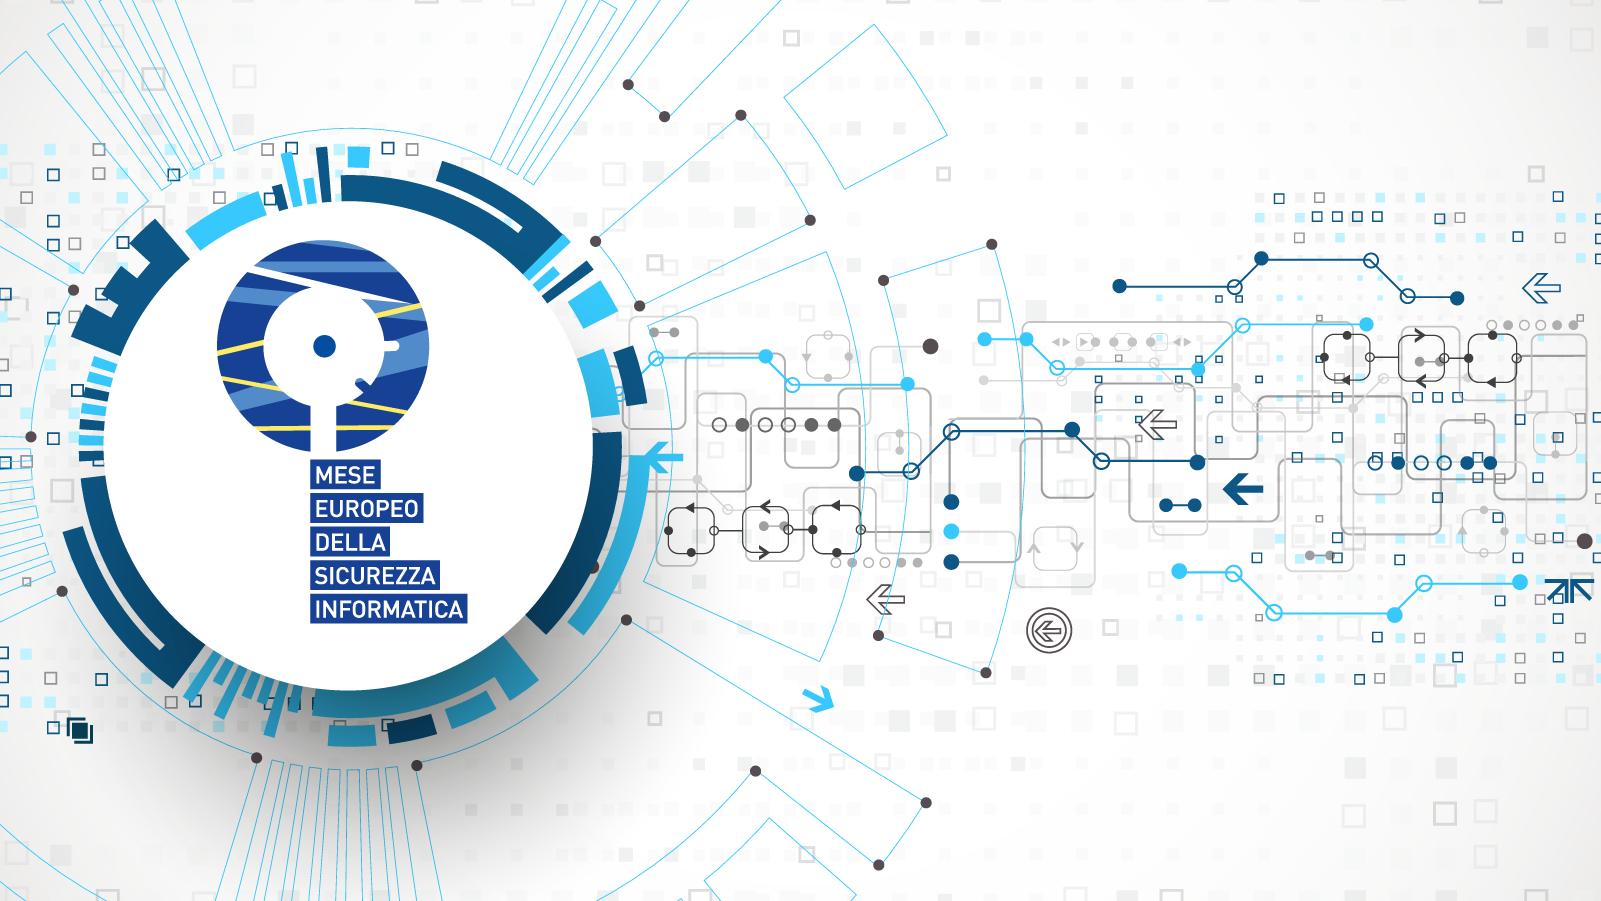 P4I aderisce al Mese Europeo della Sicurezza Informatica 2021